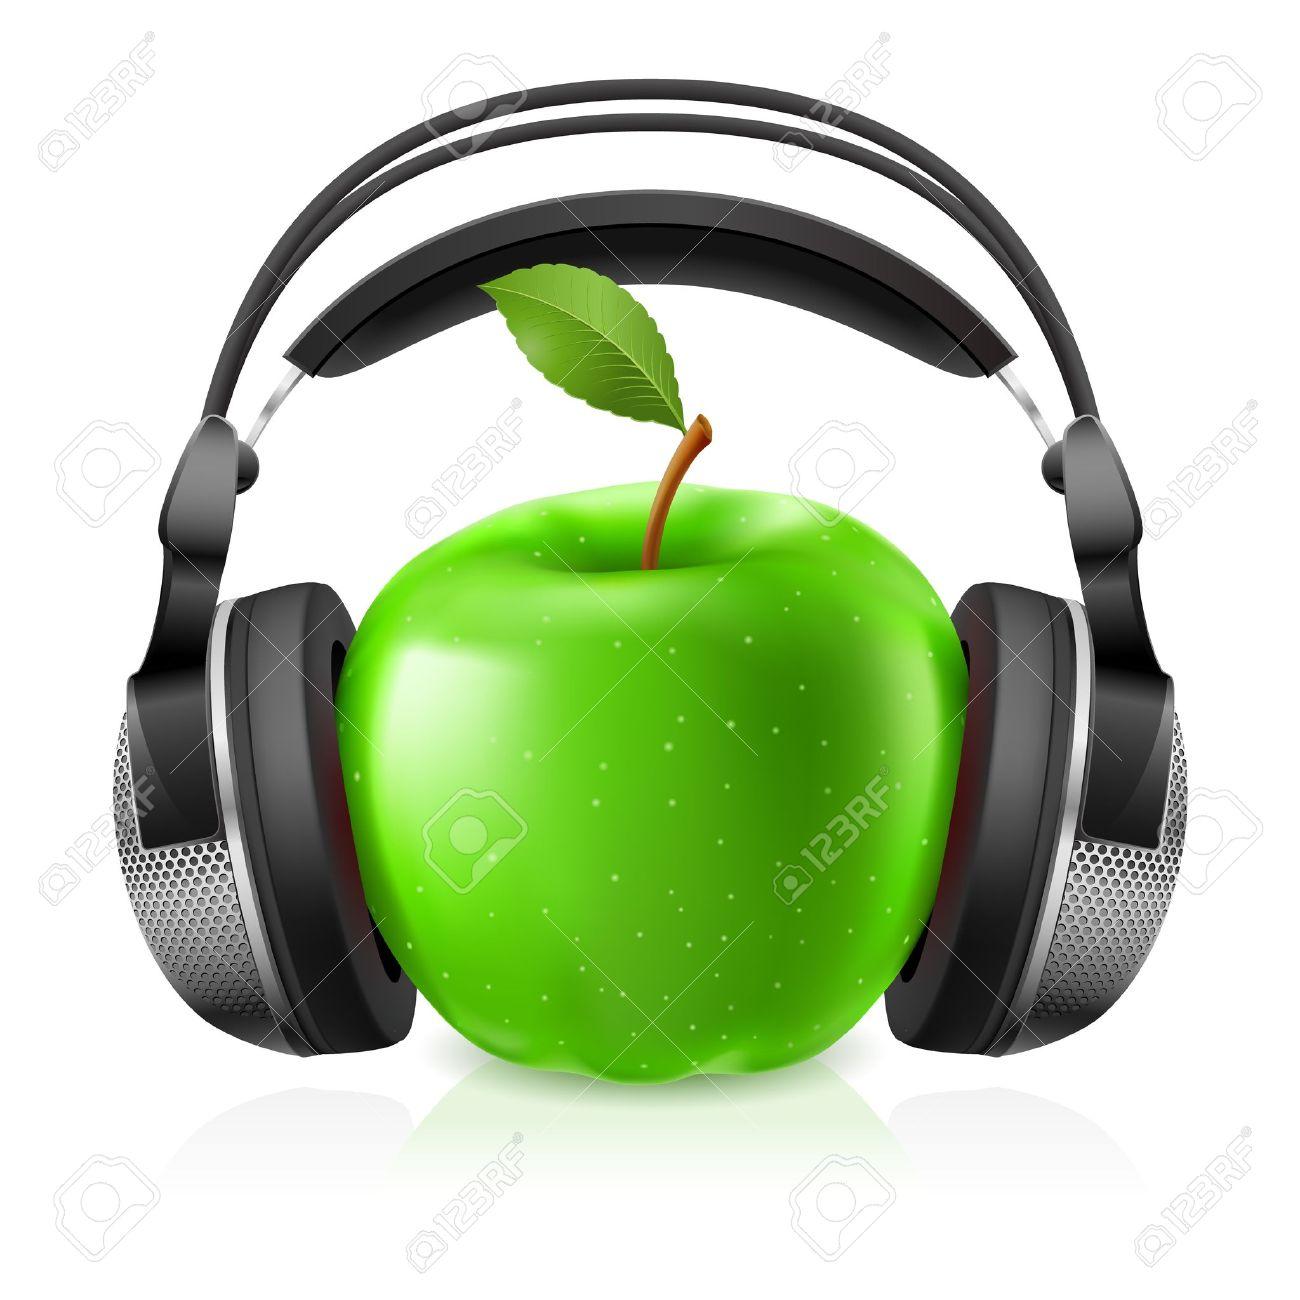 Realistische Kopfhörer Und Grünem Apfel. Illustration Auf Weißem ...